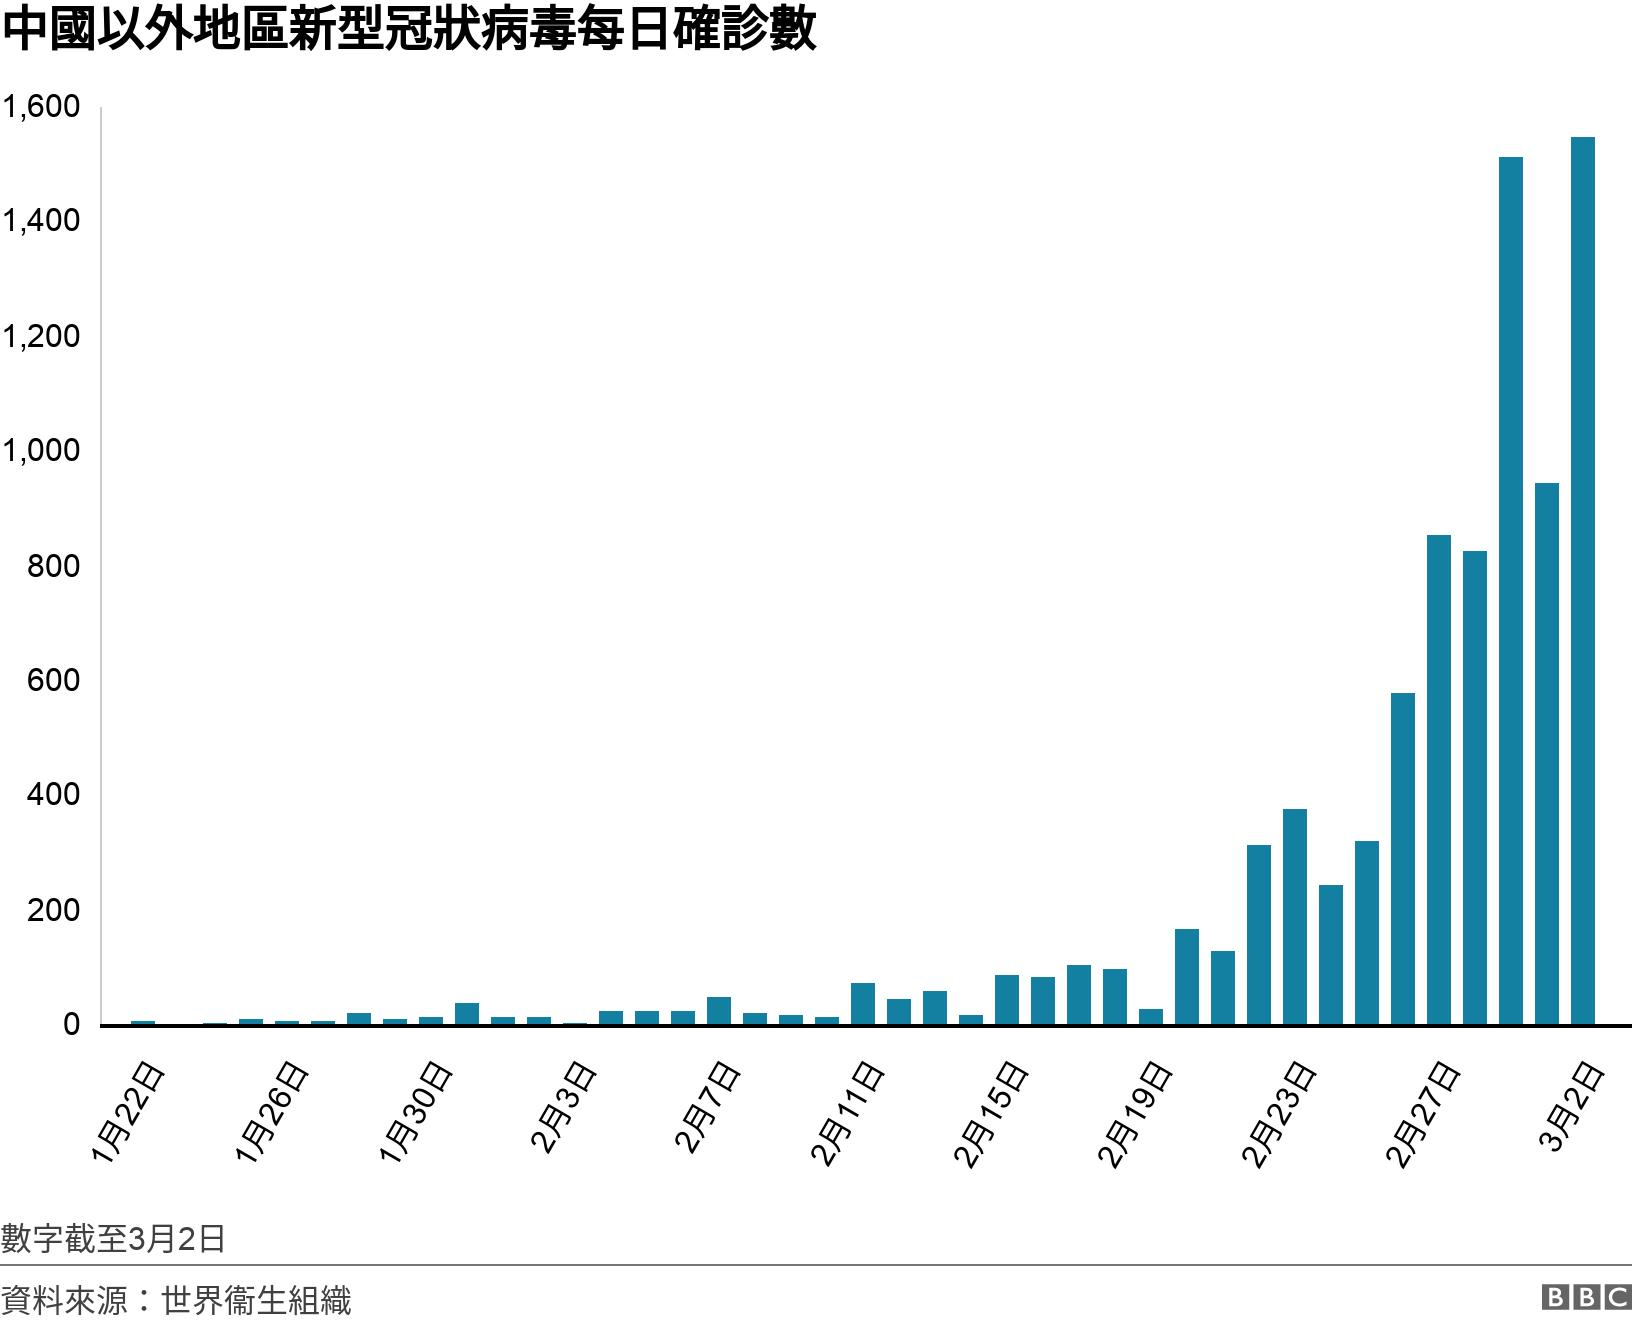 中國以外地區新型冠狀病毒每日確診數. .  數字截至3月2日.